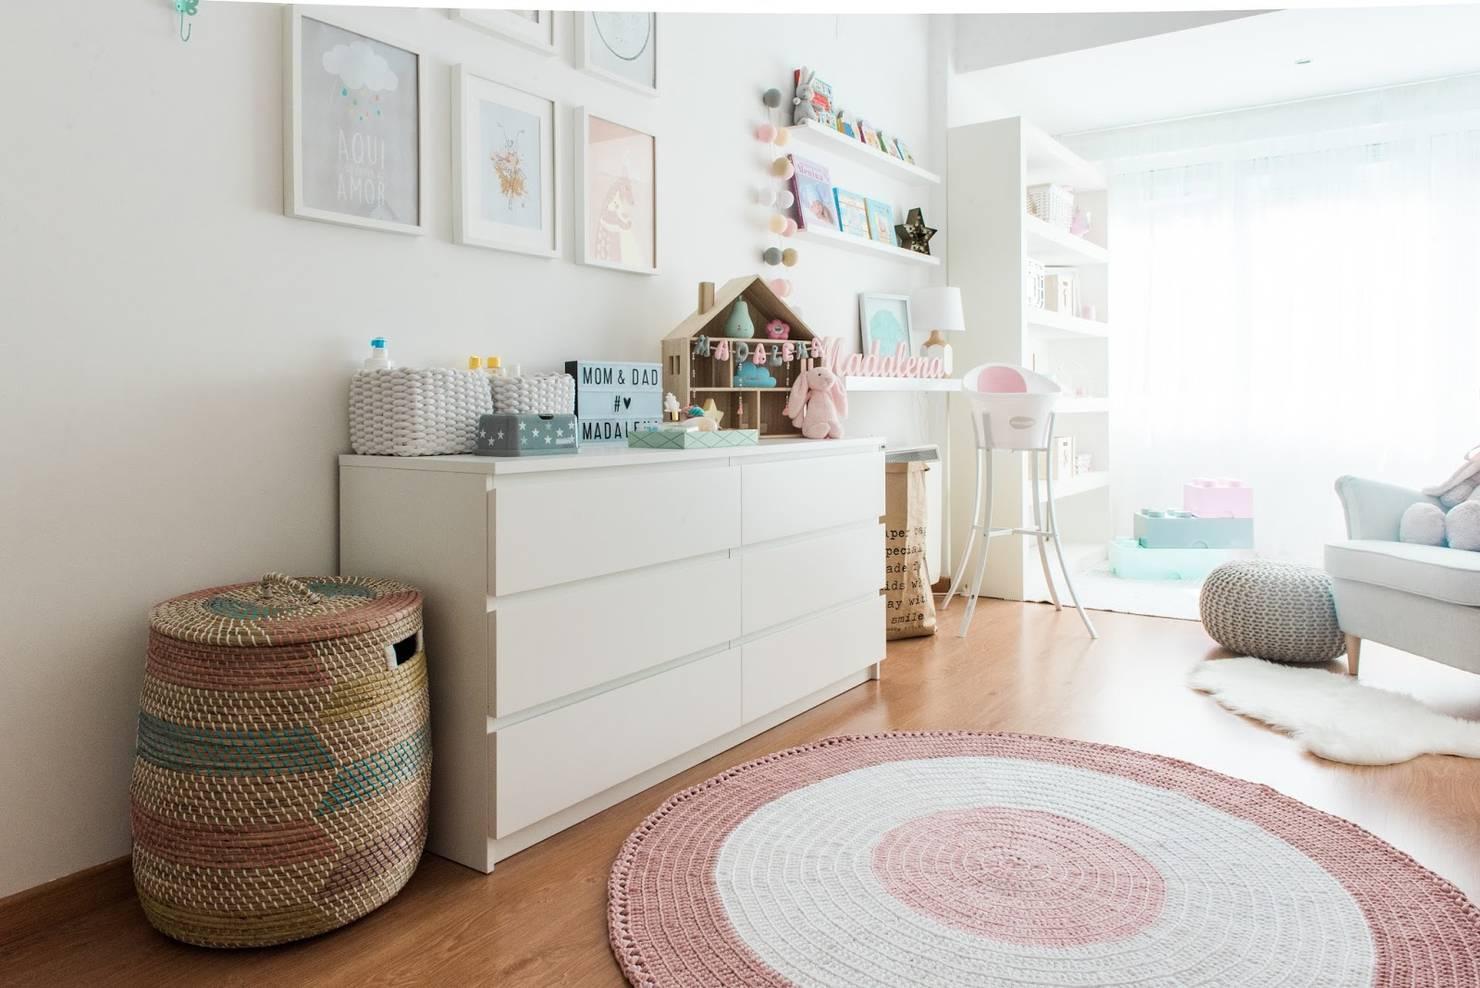 Ikea mobilyalarını evimde nasıl kullanabilirim: 9 örnek fotoğraf!